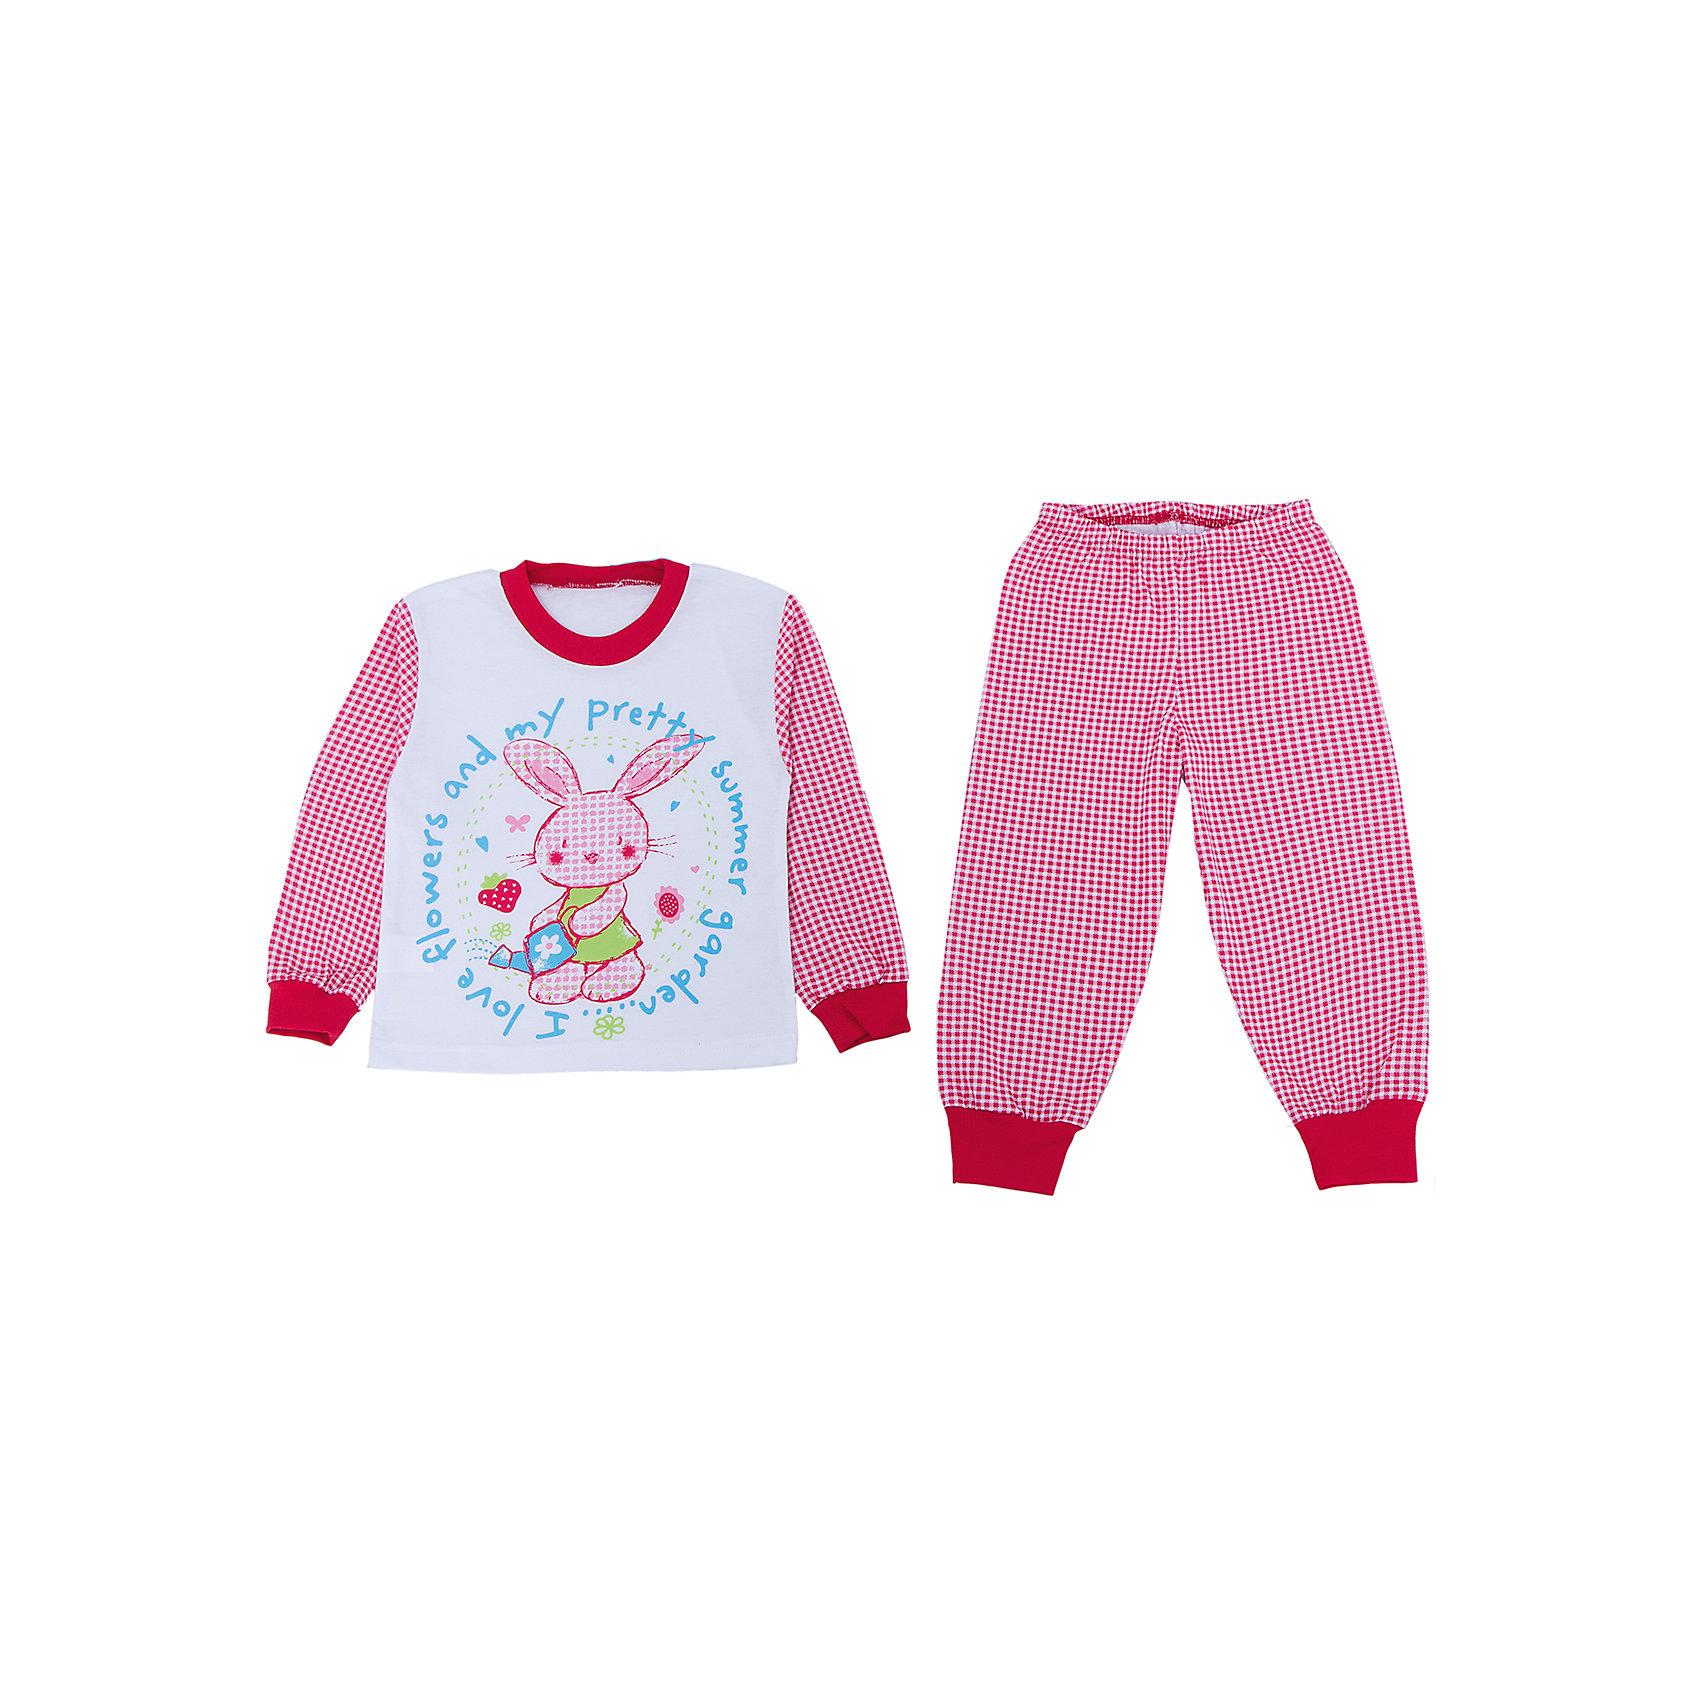 Пижама для девочки АпрельПижамы и сорочки<br>Пижама Апрель.<br><br>Характеристики:<br>• материал: хлопок<br>• цвет: белый<br><br>Яркая пижама от популярной марки Апрель выполнена из мягкого хлопка, приятного телу, что ребенок сможет оценить во время сна. Манжеты не позволят холодному воздуху проникнуть под одежду. Модель украшена ярким рисунком с зайчиком. В такой пижаме ваш ребенок увидит самые приятные и яркие сны!<br><br>Купить пижаму Апрель можно в нашем интернет-магазине.<br><br>Ширина мм: 281<br>Глубина мм: 70<br>Высота мм: 188<br>Вес г: 295<br>Цвет: белый/красный<br>Возраст от месяцев: 24<br>Возраст до месяцев: 36<br>Пол: Женский<br>Возраст: Детский<br>Размер: 104,92,110,98,116<br>SKU: 4936810